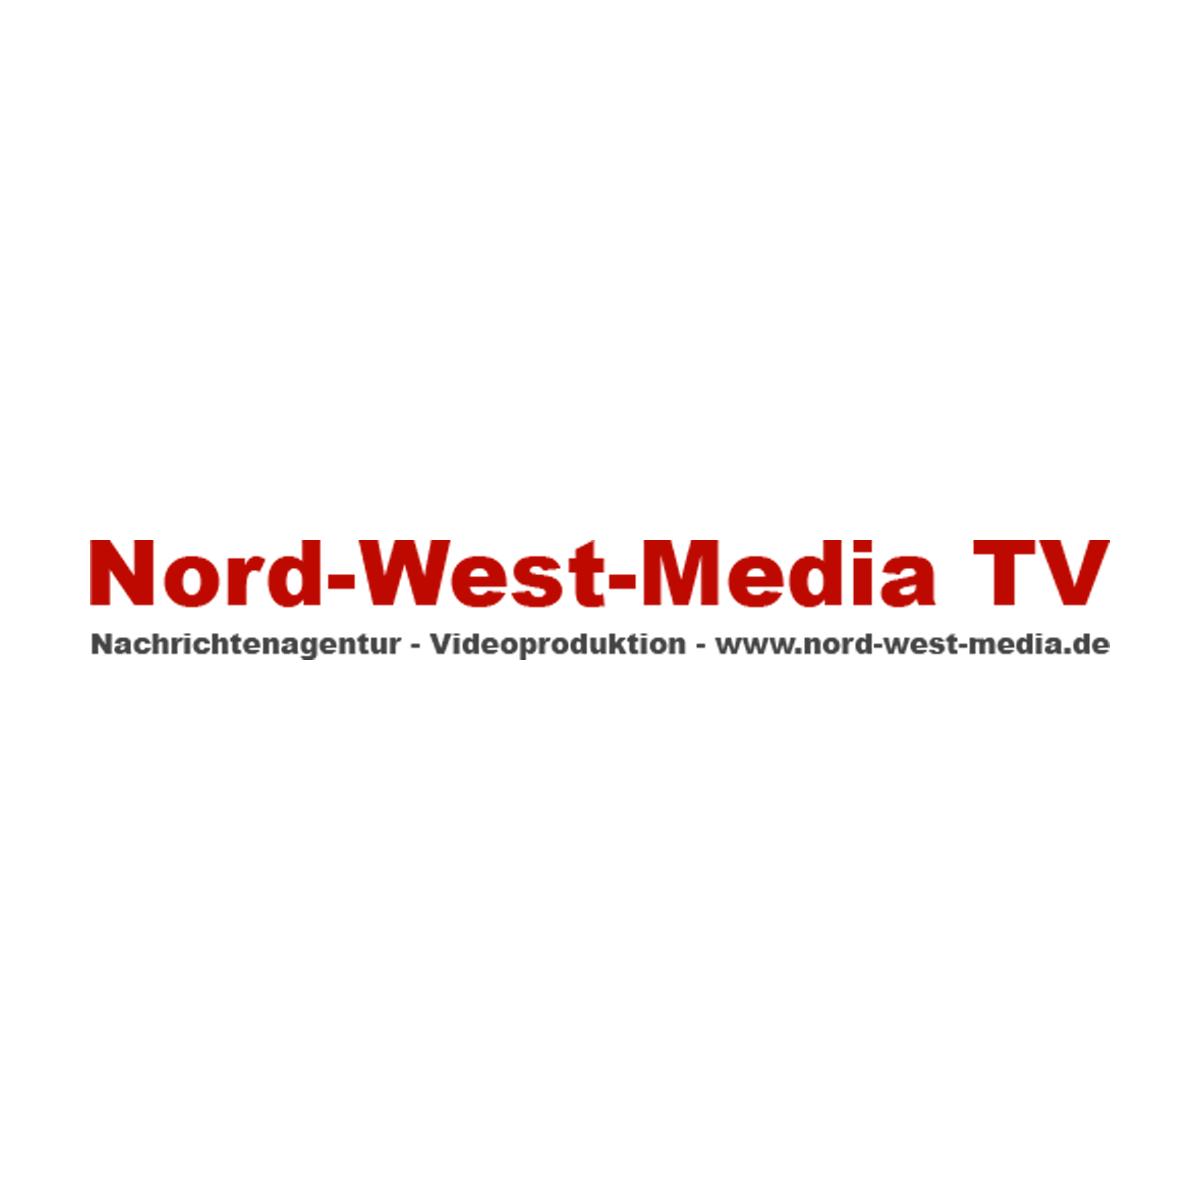 Nordwestmedia